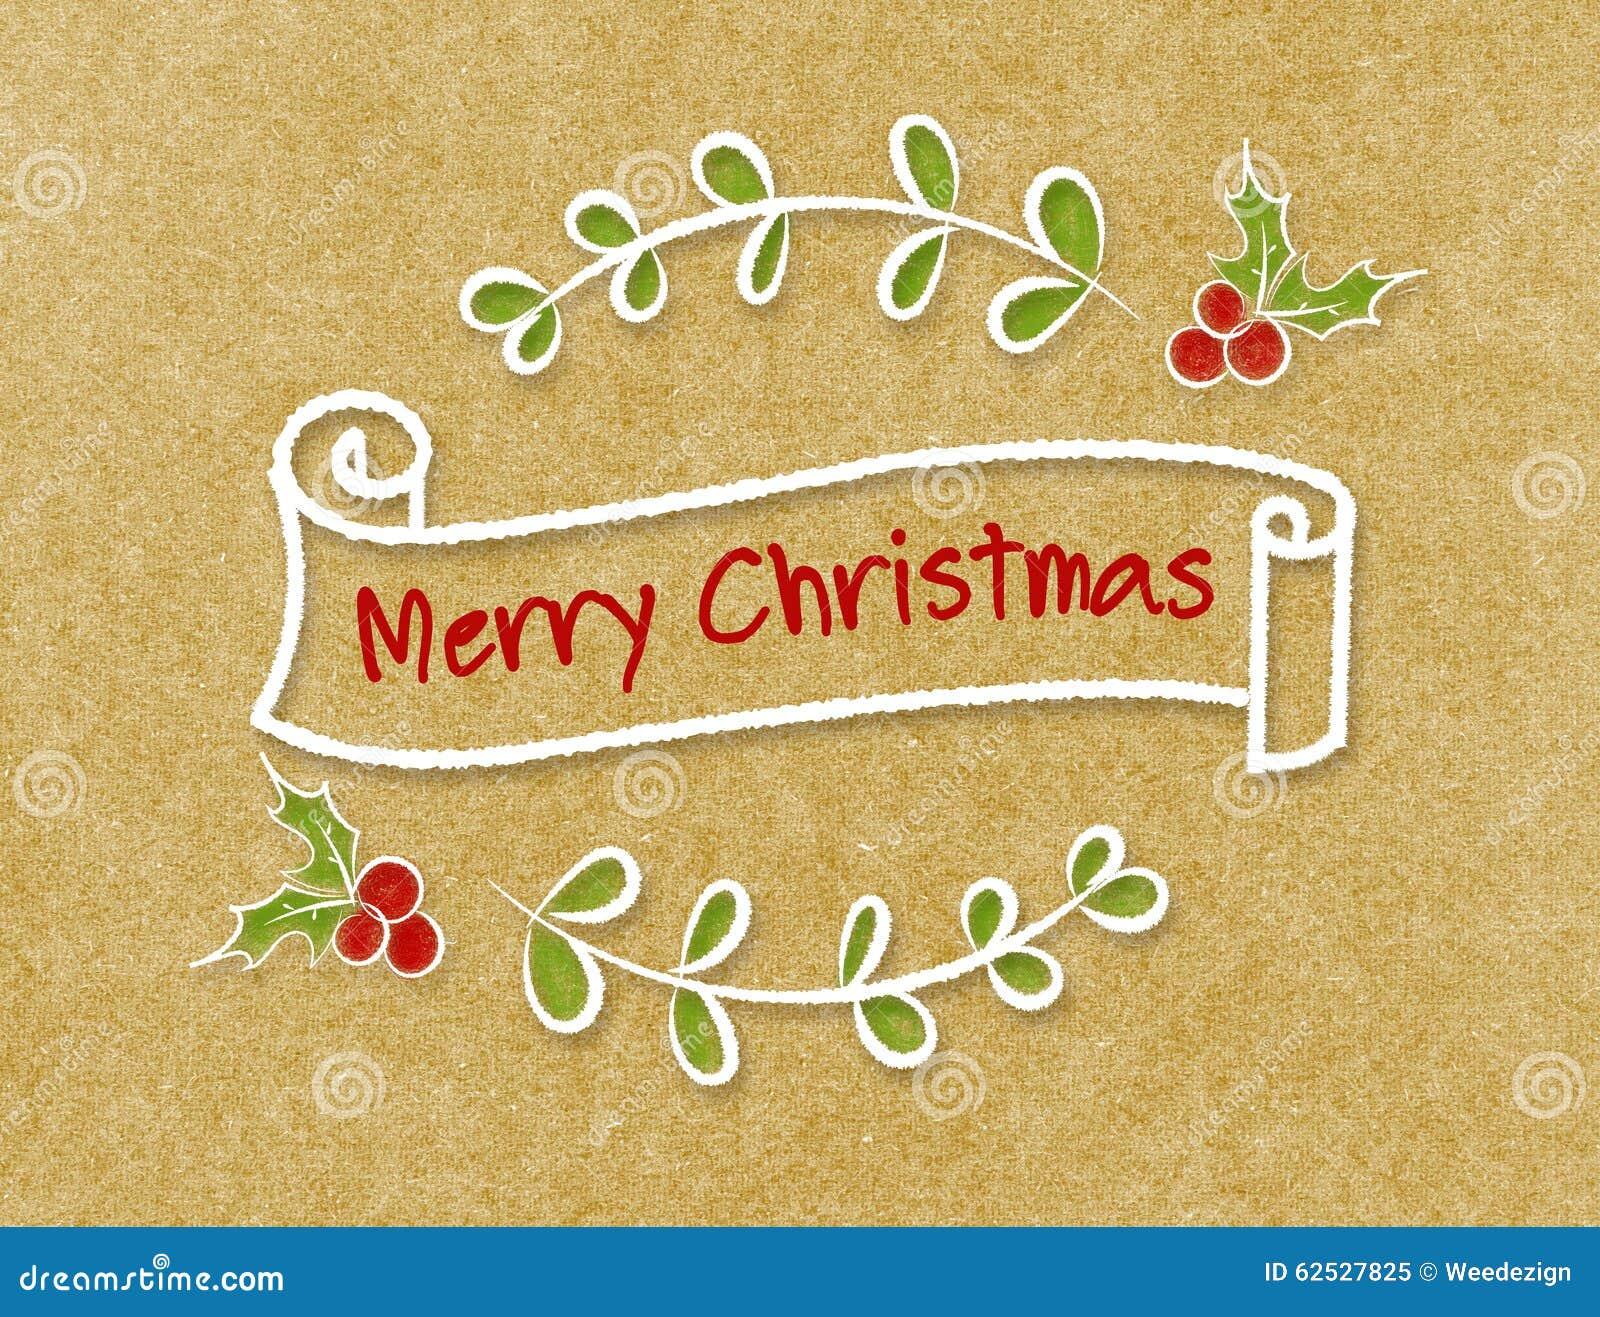 葡萄酒圣诞快乐在乱画样式的丝带横幅在工艺p